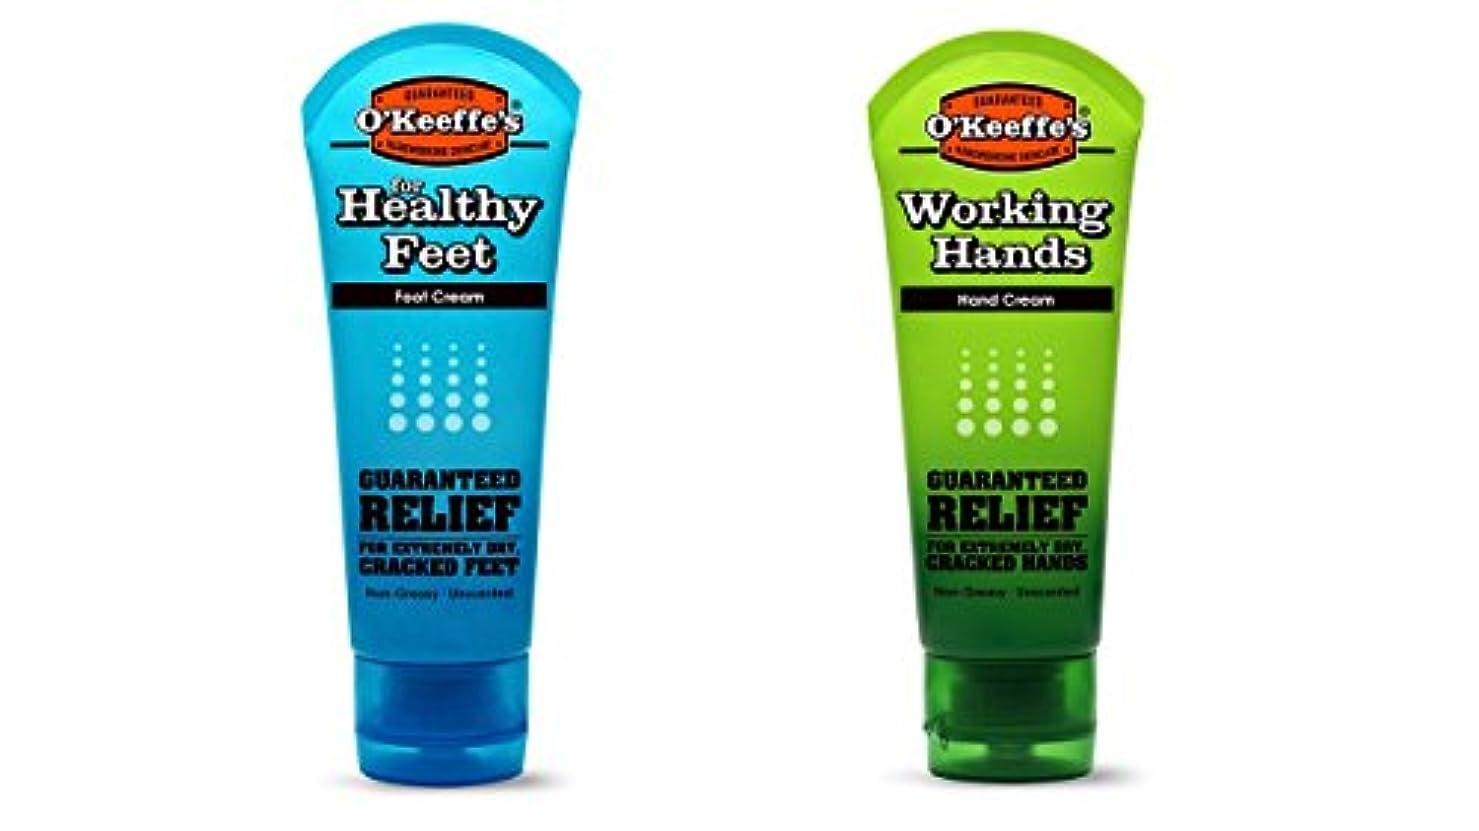 毎回ますます鼓舞するオキーフス ワーキングハンドクリーム &フィートクリームチューブ  85g 各1(合計2点)(並行輸入品) O'Keeffe's Working Hand & Feet Tube Cream 3oz 1 each